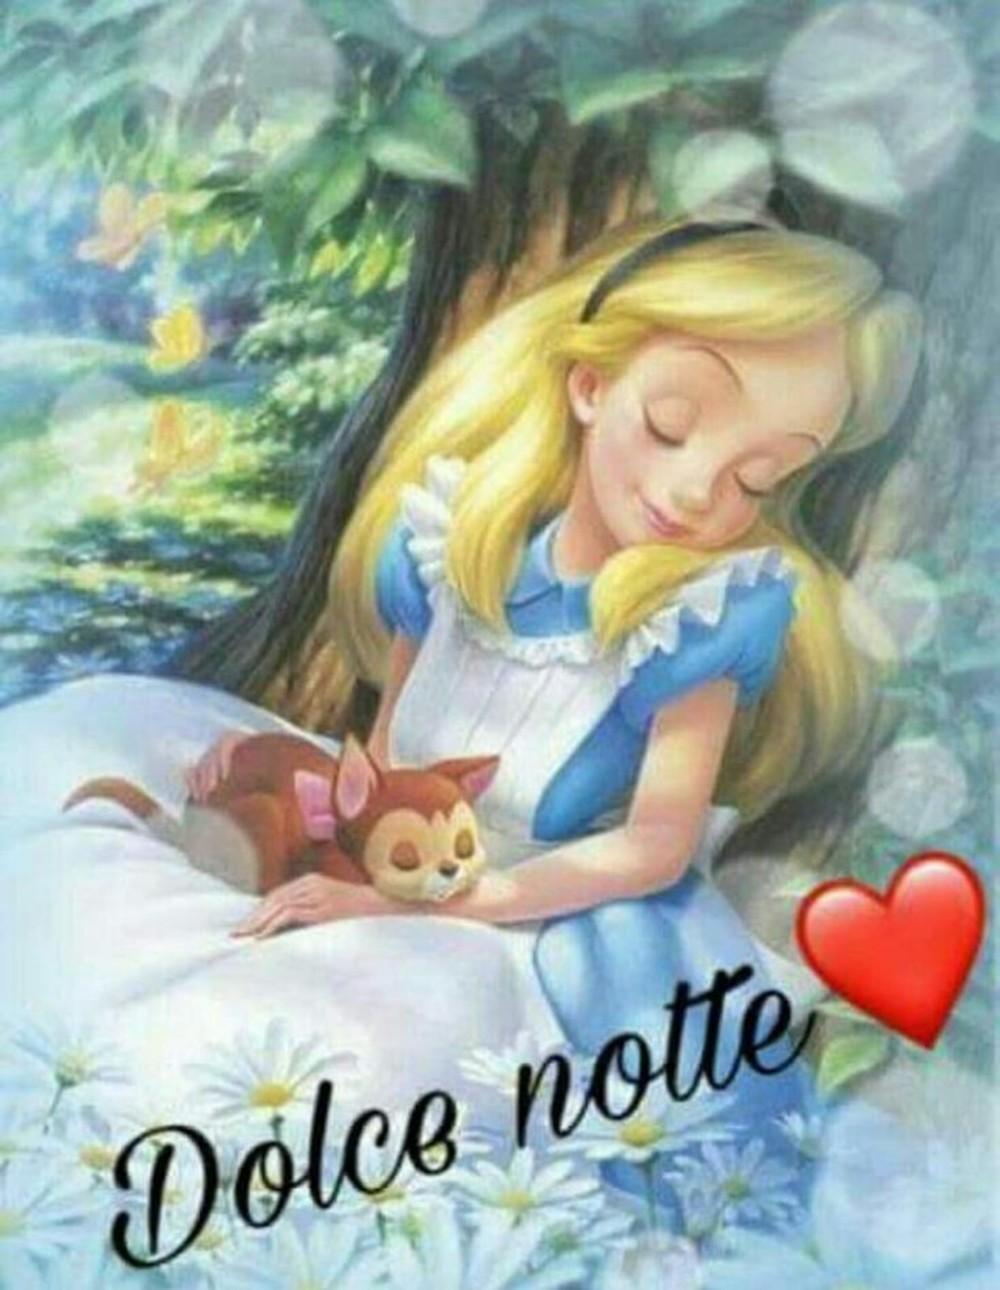 Belle Immagini Buonanotte Favolose Archives Pagina 3 Di 4